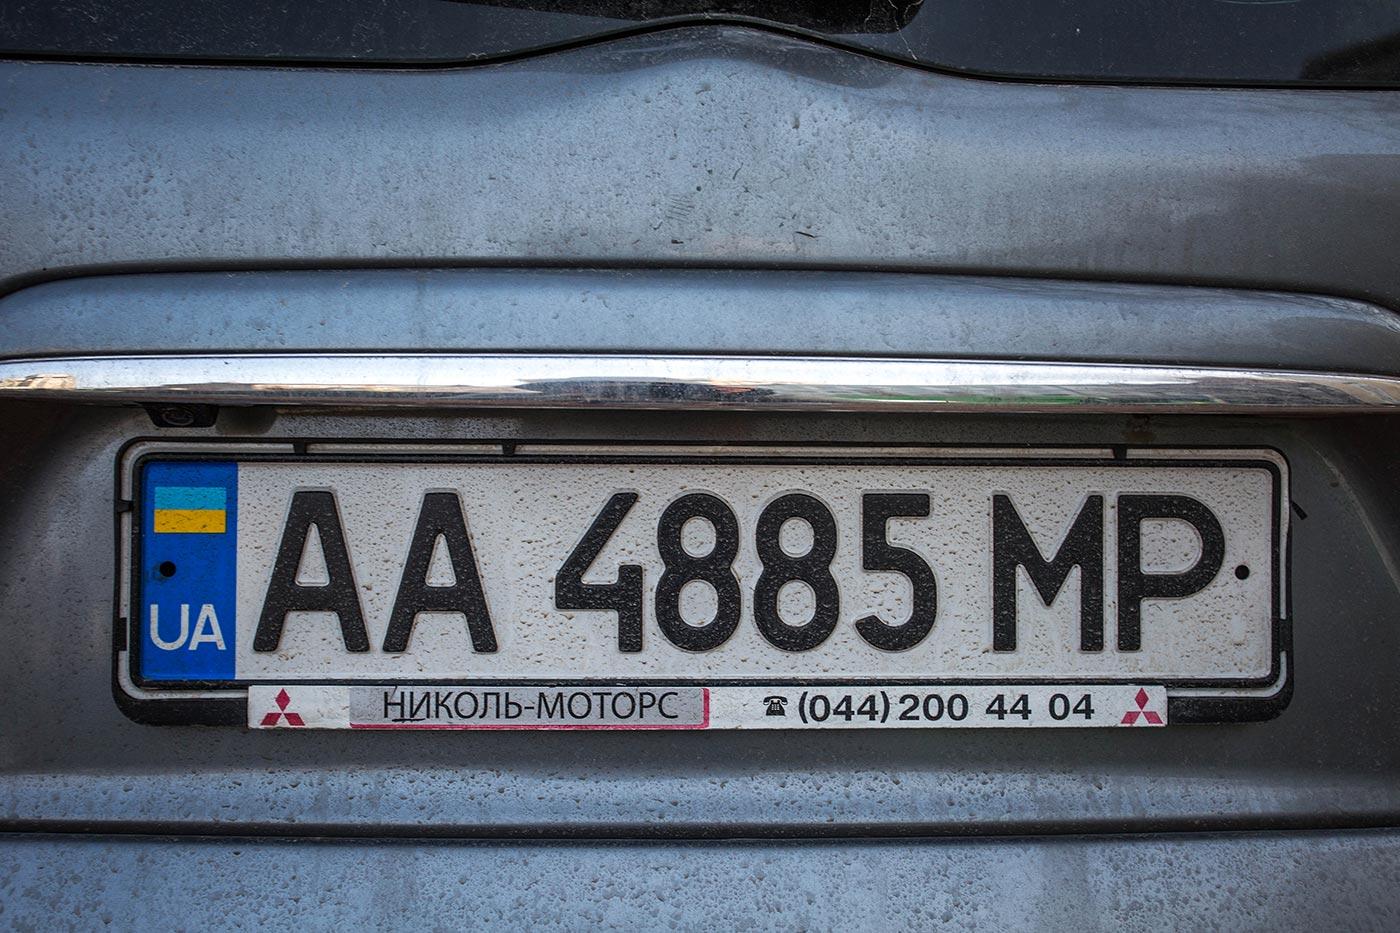 Украина поменяла номера